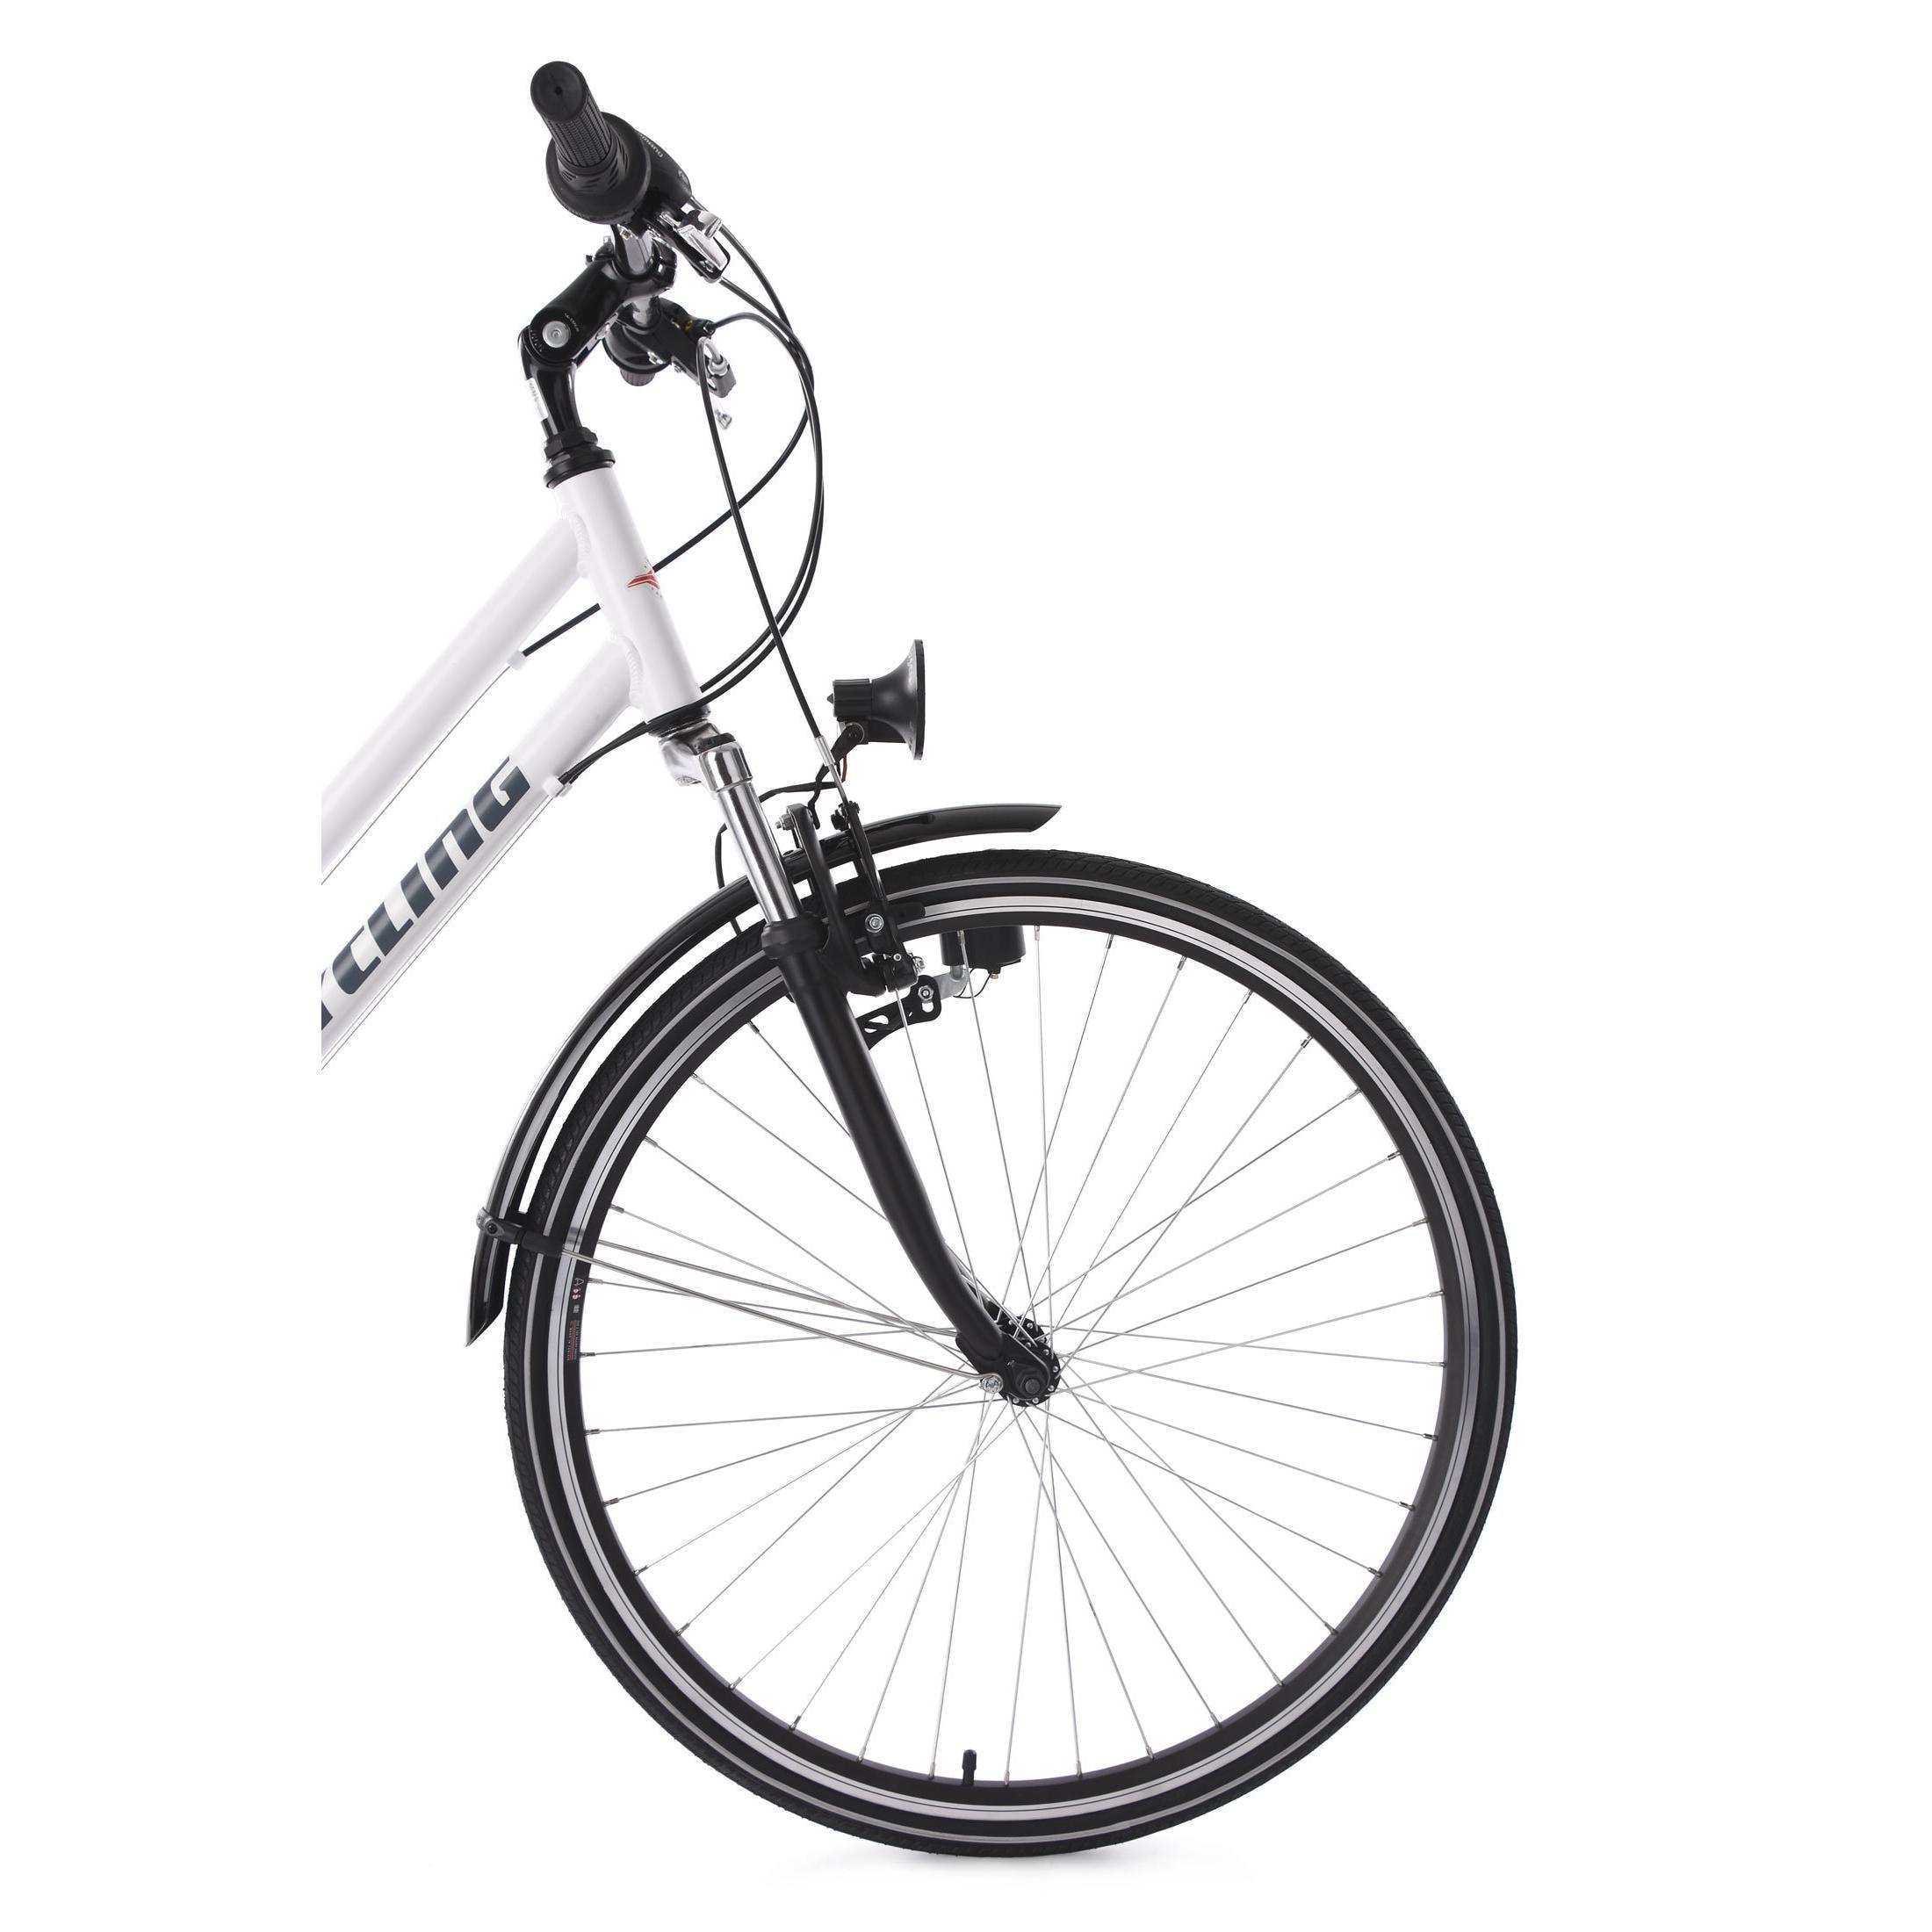 KS Cycling Trekkingrad Damenfahrrad Metropolis 21 Gänge, 28 Zoll